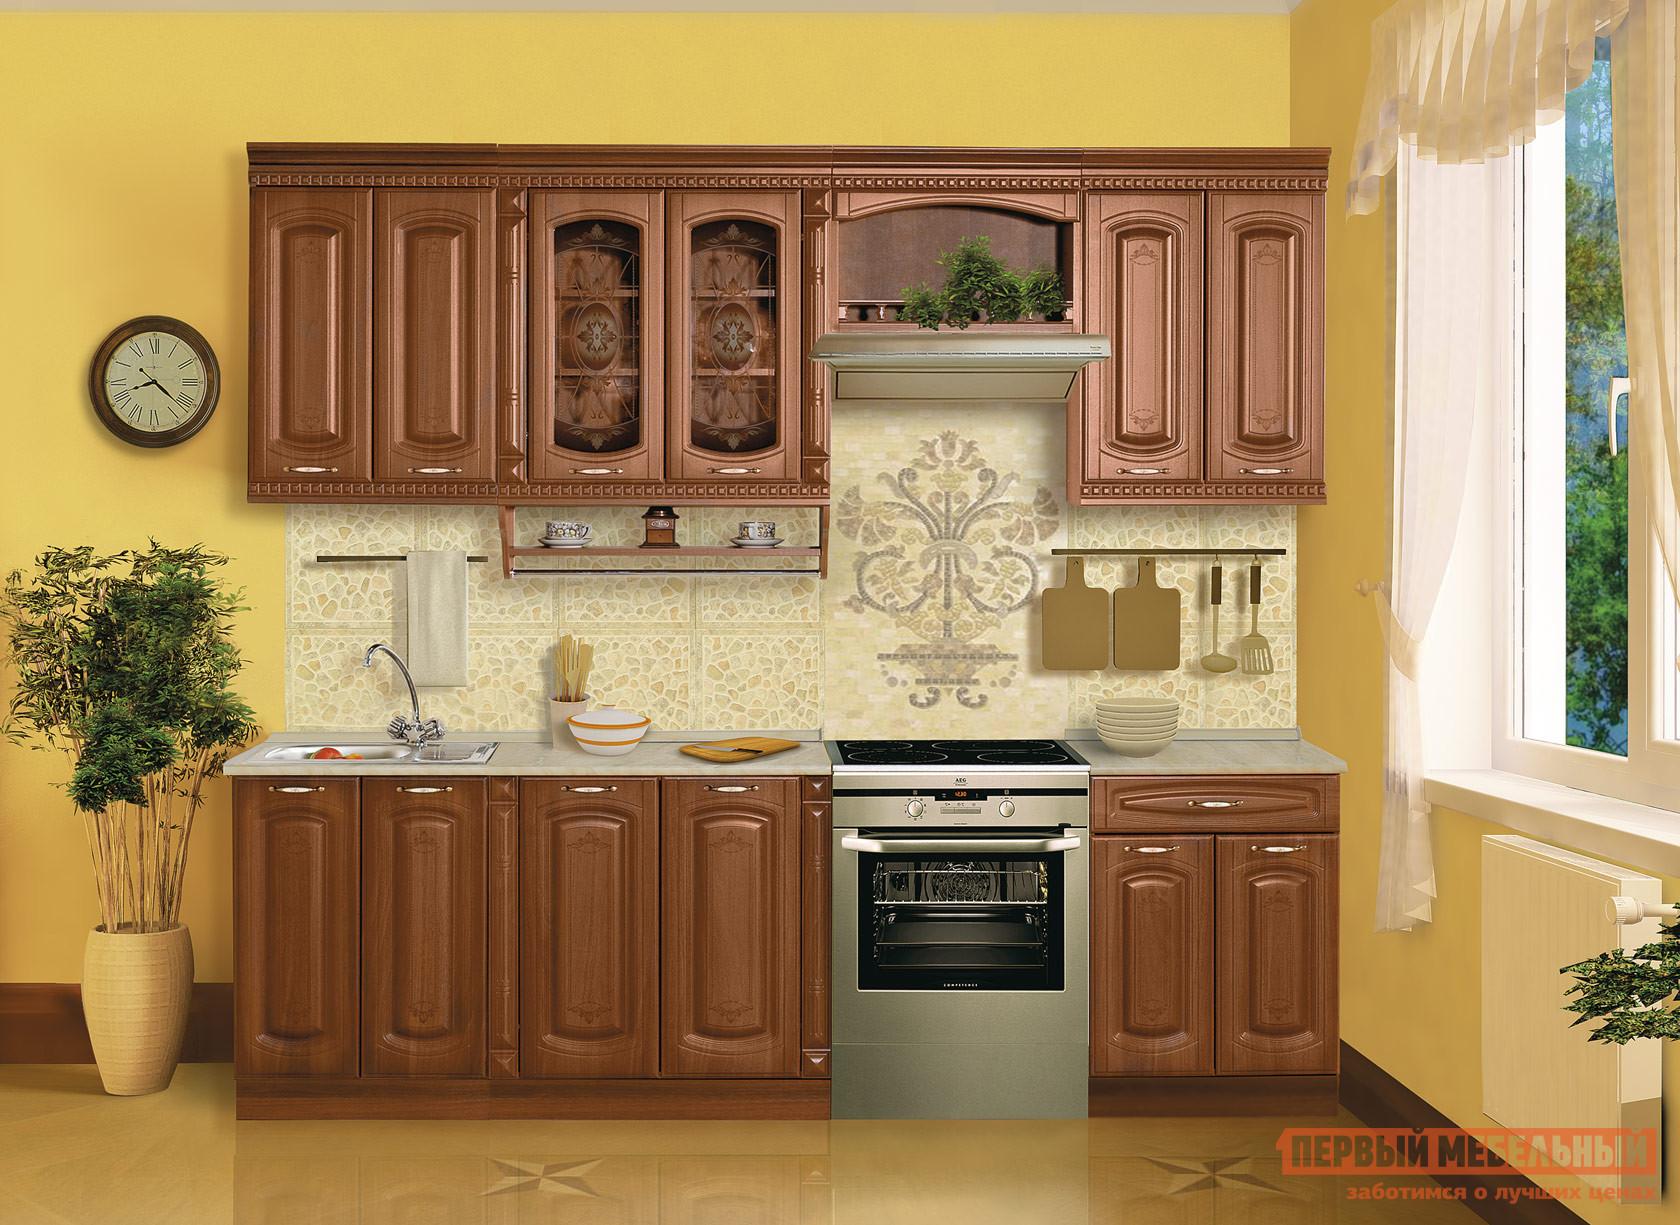 Кухонный гарнитур Витра Глория 260 кухонный гарнитур витра глория 3 к1